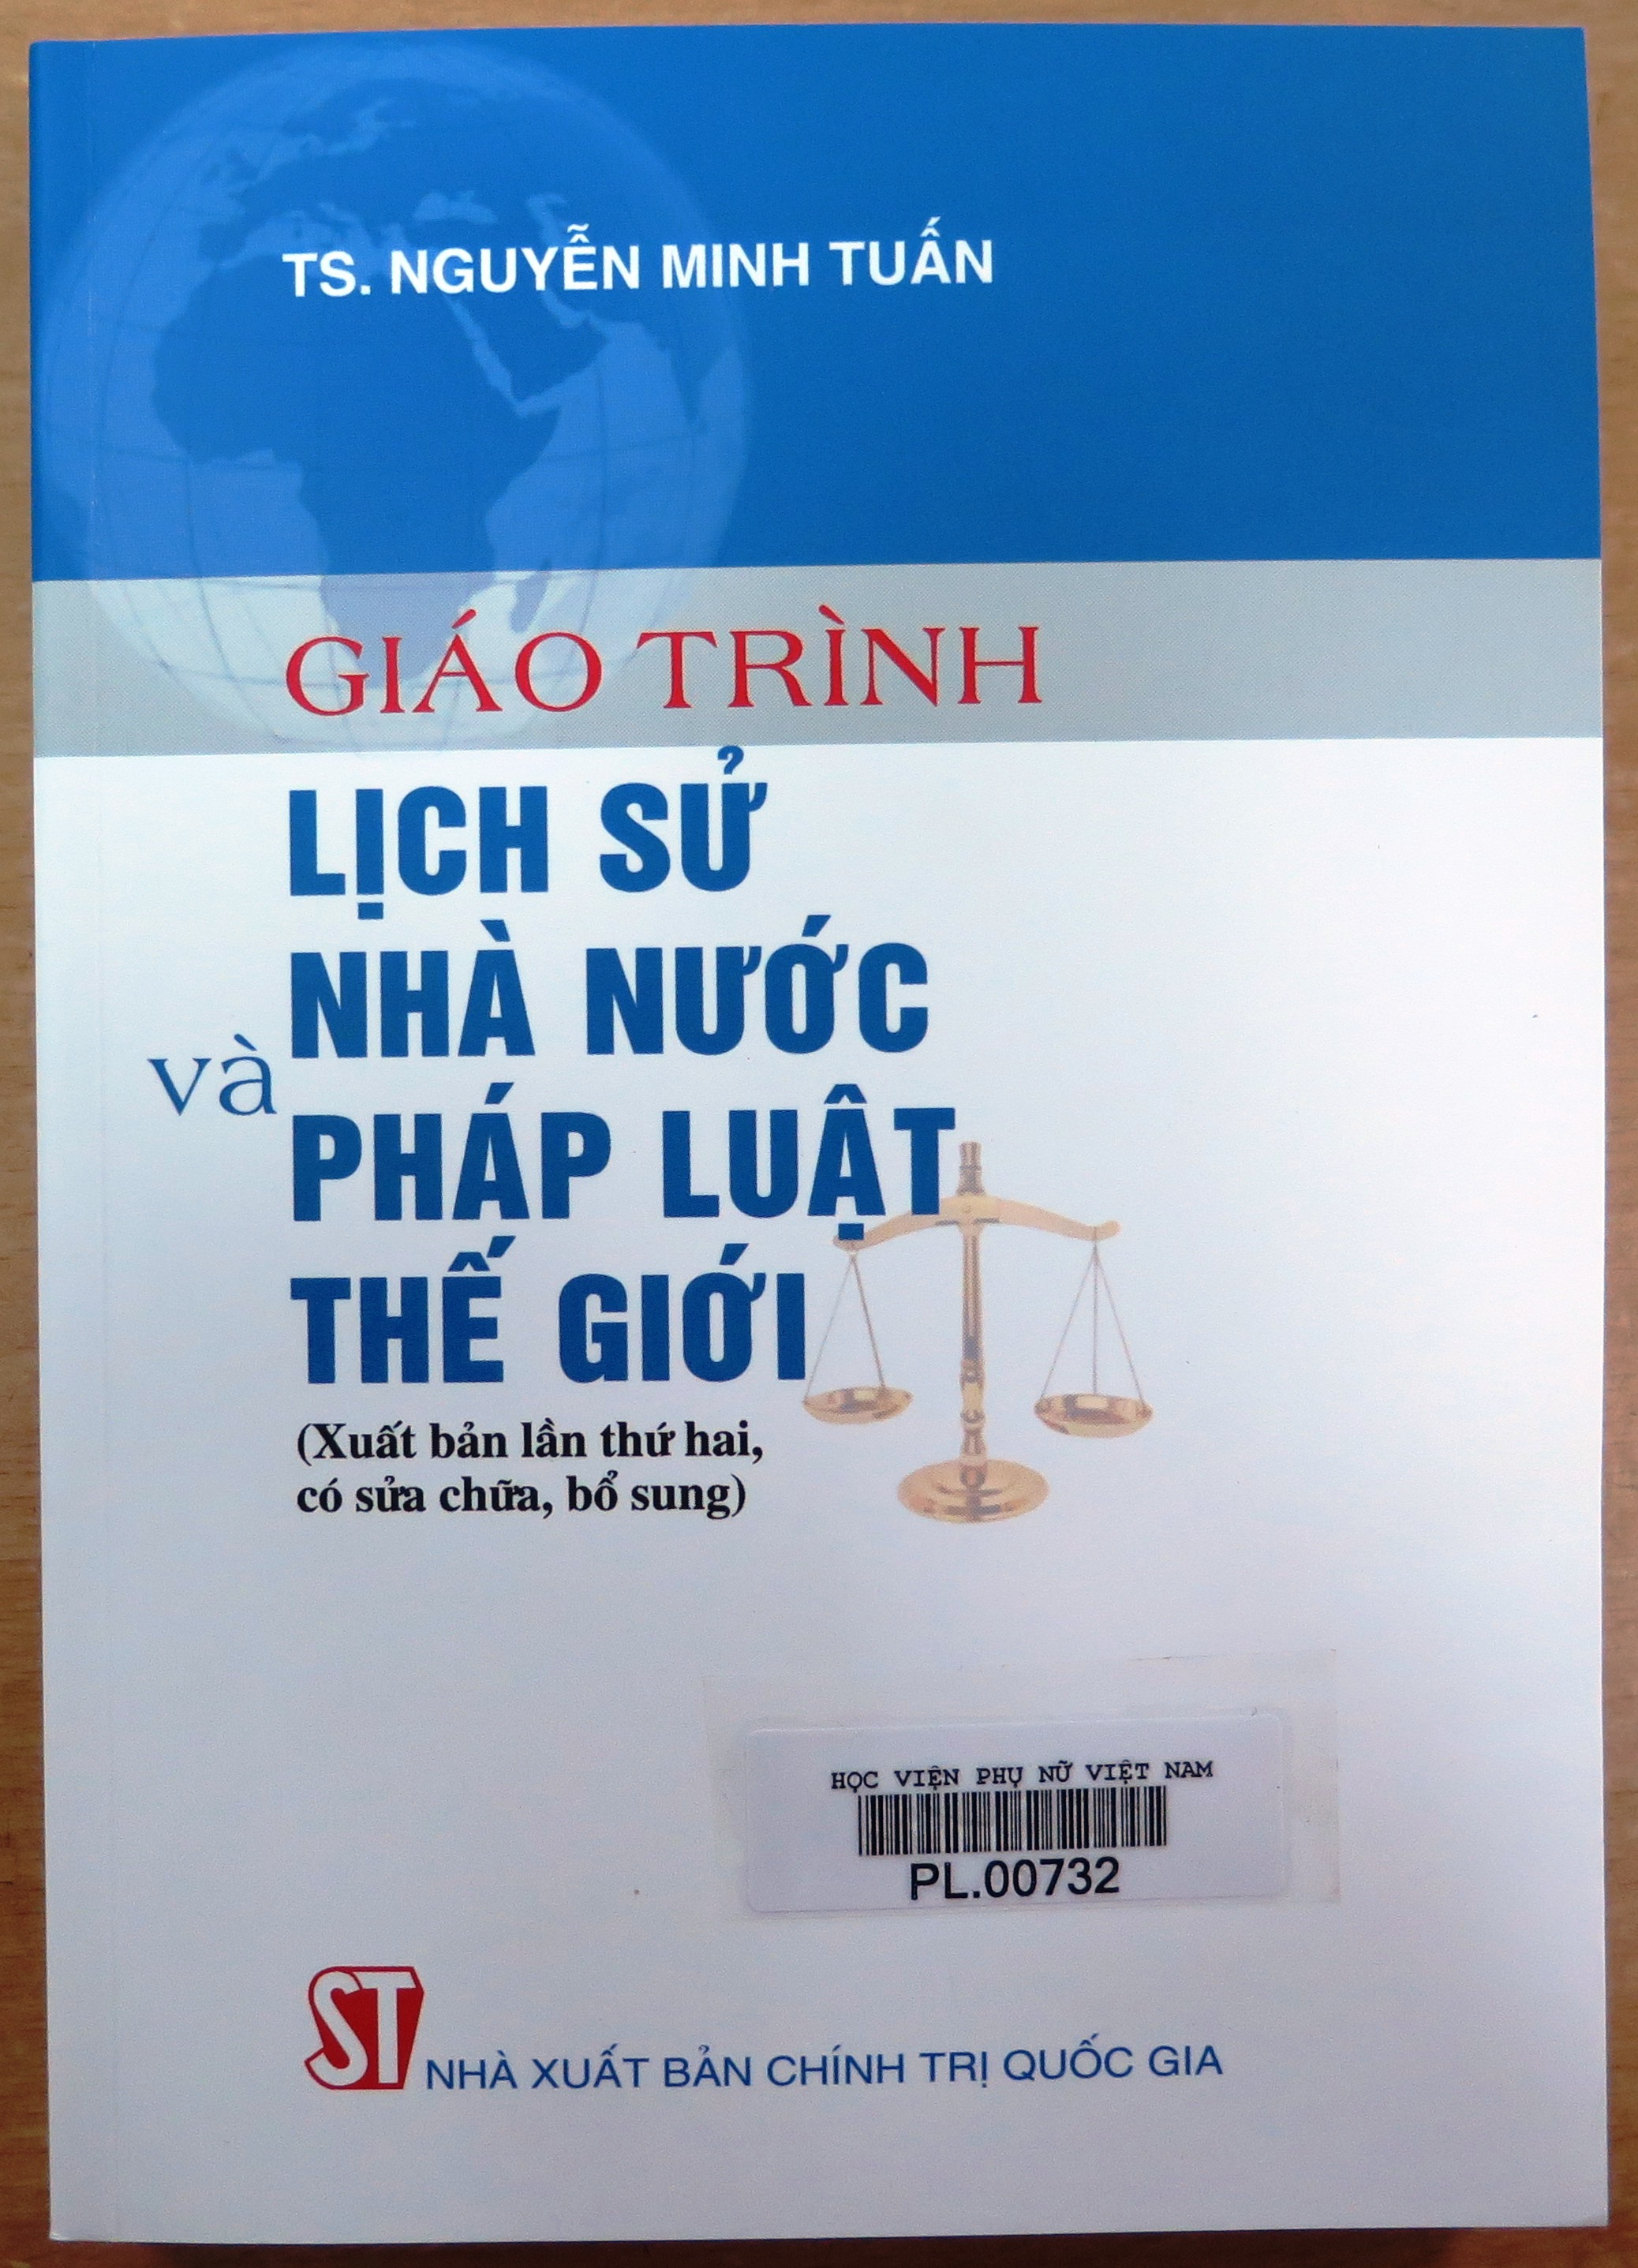 Giới thiệu sách: Giáo trình Lịch sử nhà nước và pháp luật thế giới